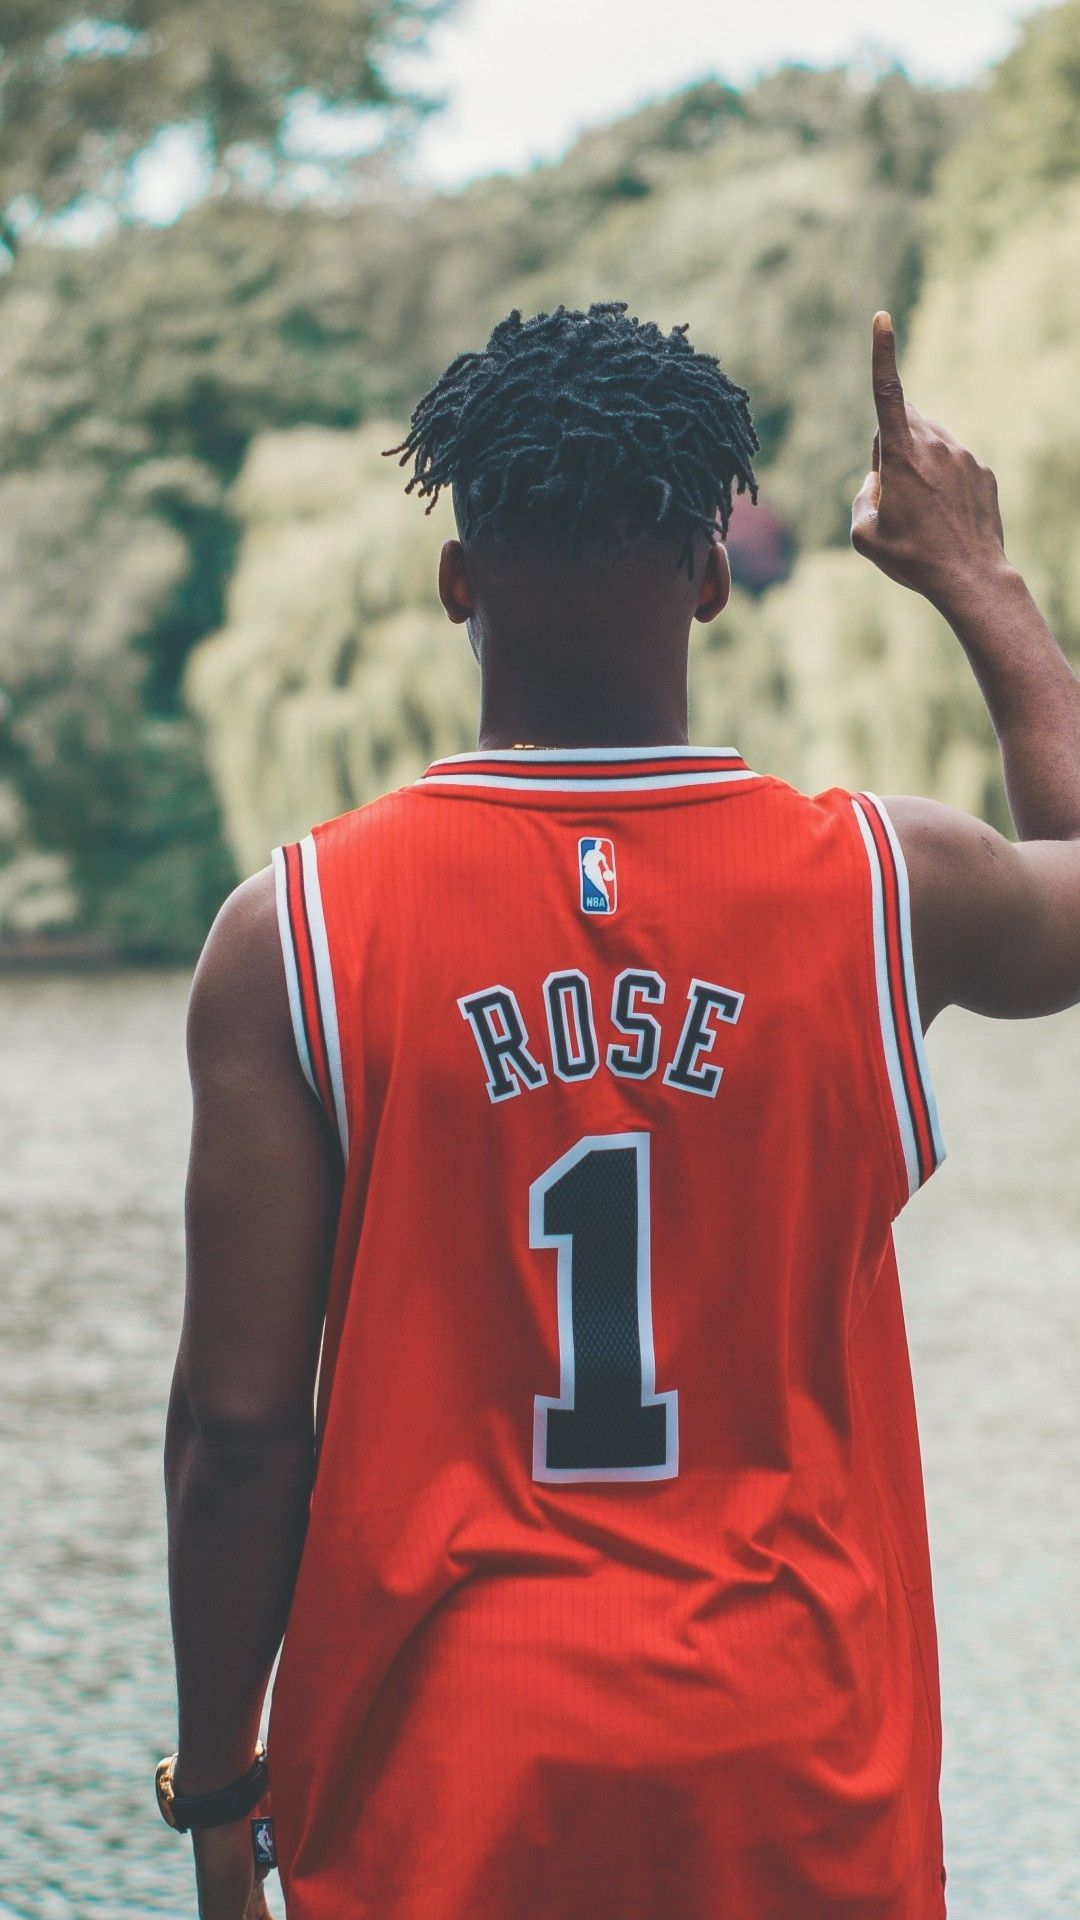 Derrick Rose Wallpaper Android Download in 2020 Rose